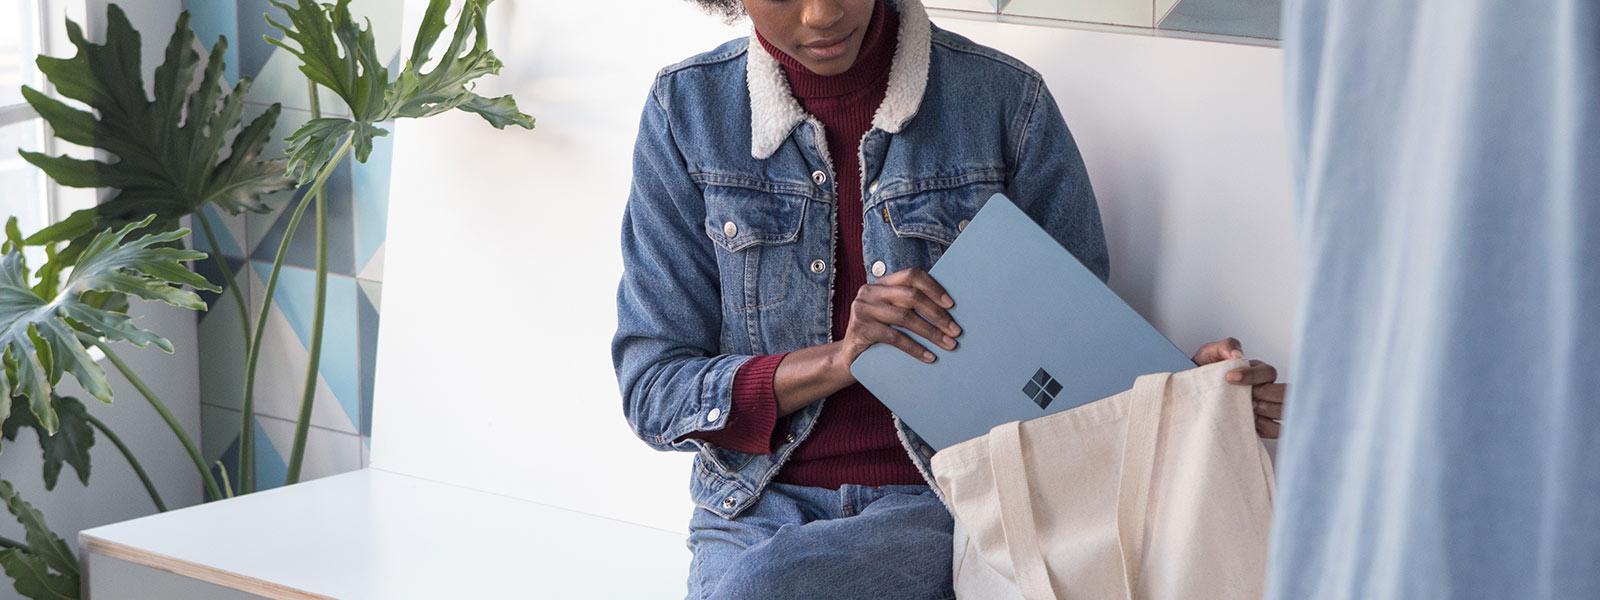 Frau verstaut Surface Laptop in ihrer Tasche.